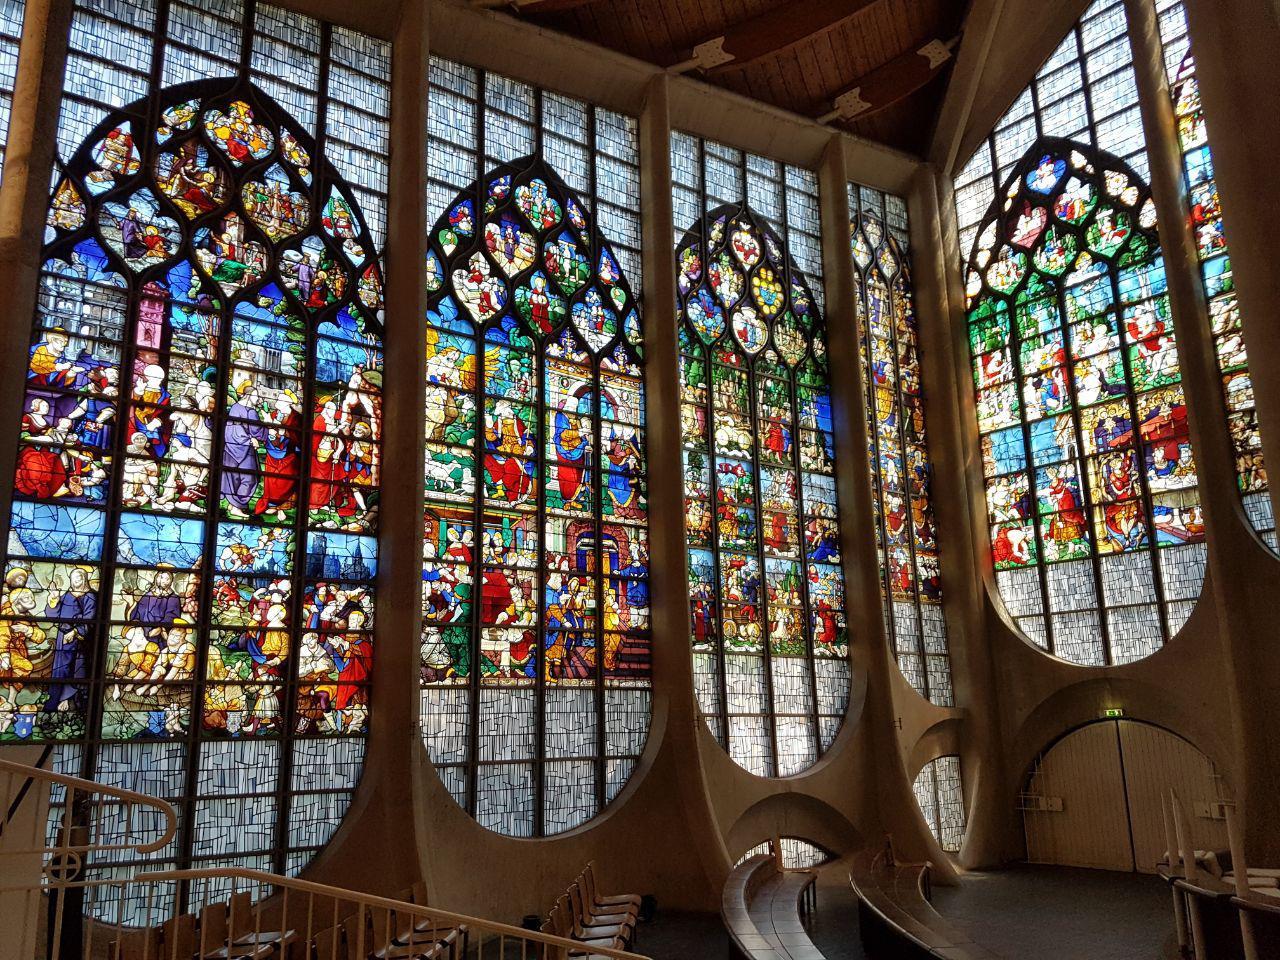 ויטראז' בכנסייה לזכר ז'אן ד'ארק, סמוך למקום הוצאתה להורג (צילום: אחיה ראב